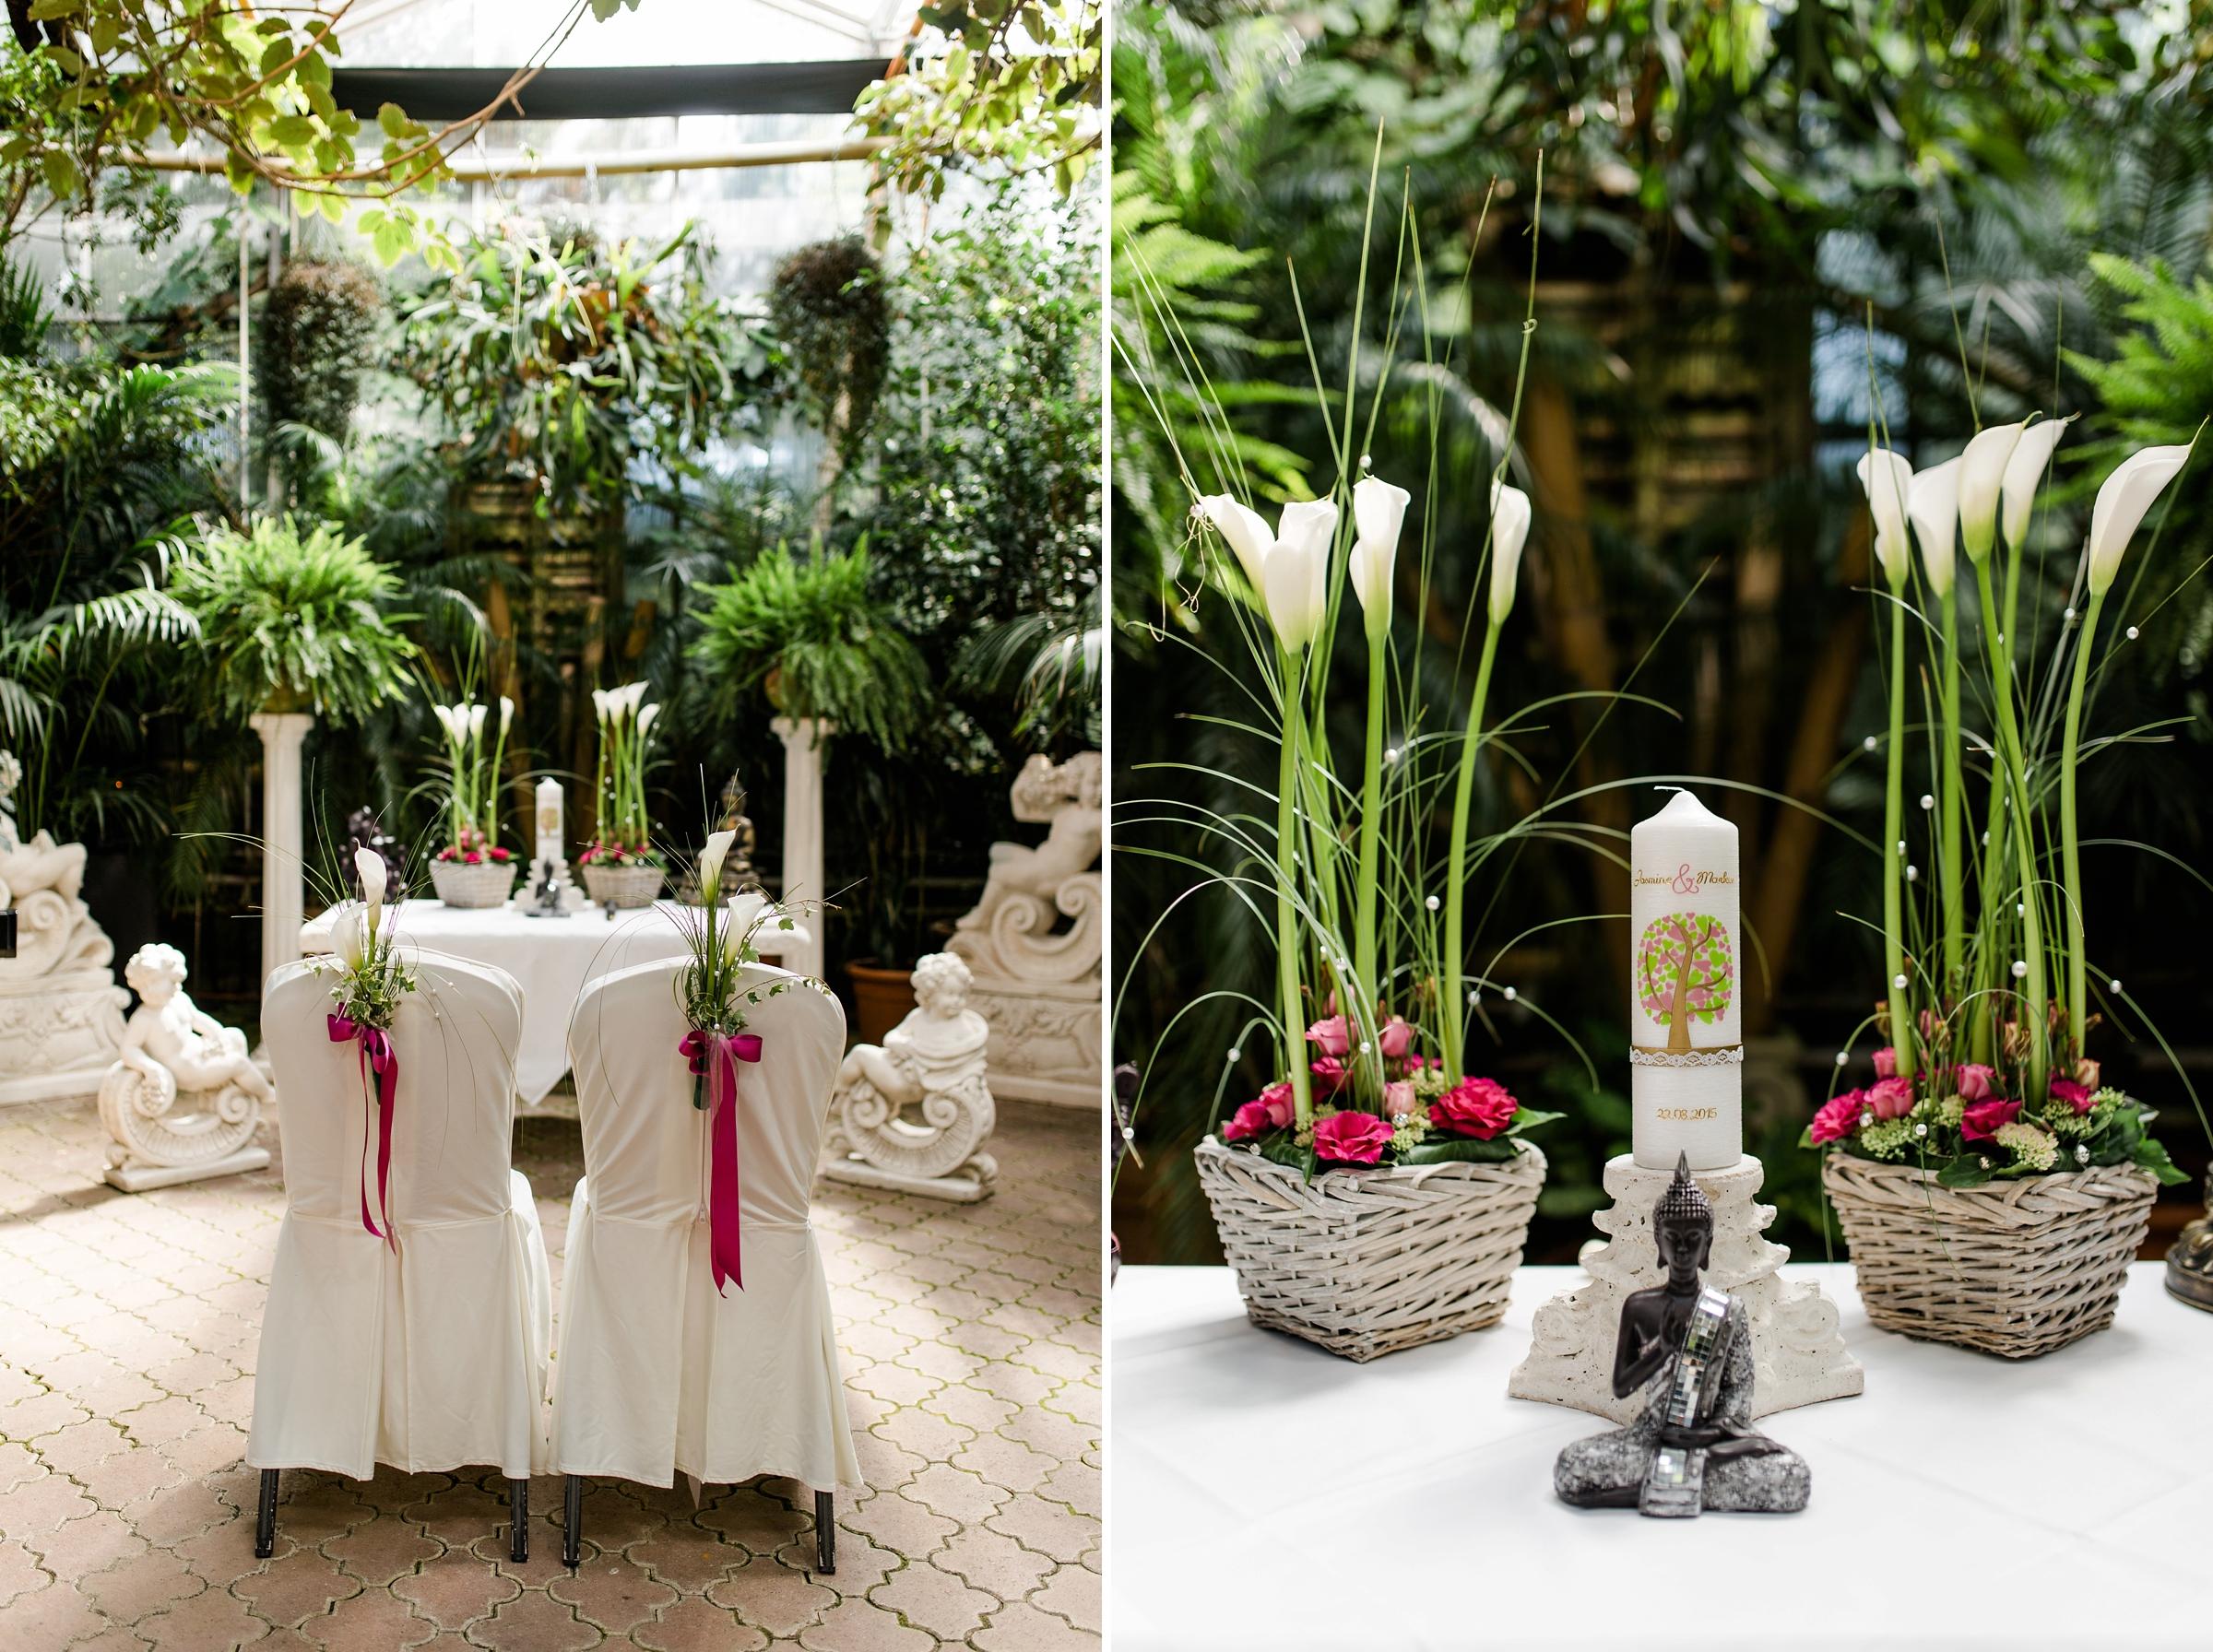 Hochzeitsfotograf-Zuerich-Giardino-Verde-Hochzeit-im-Gruenen-Trausaal